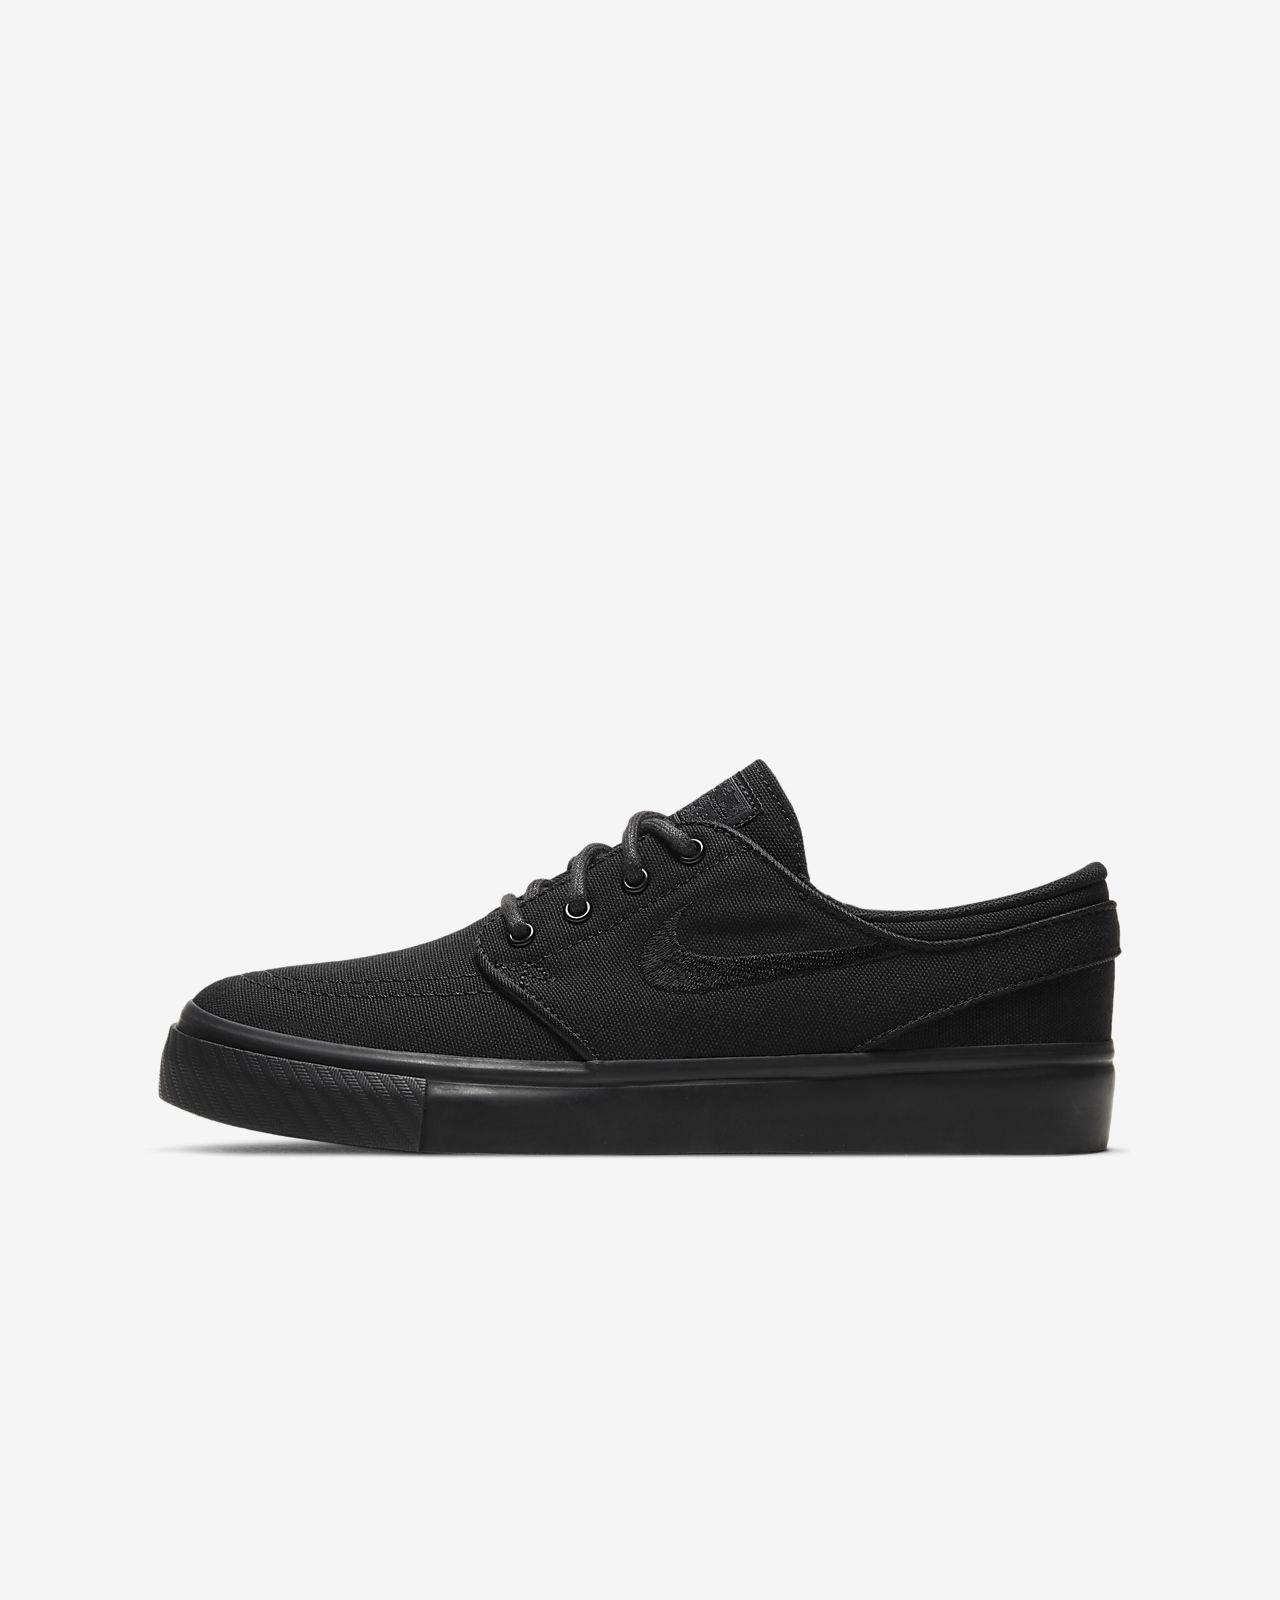 Nike SB Boys Shoes Stefan Janoski Black White